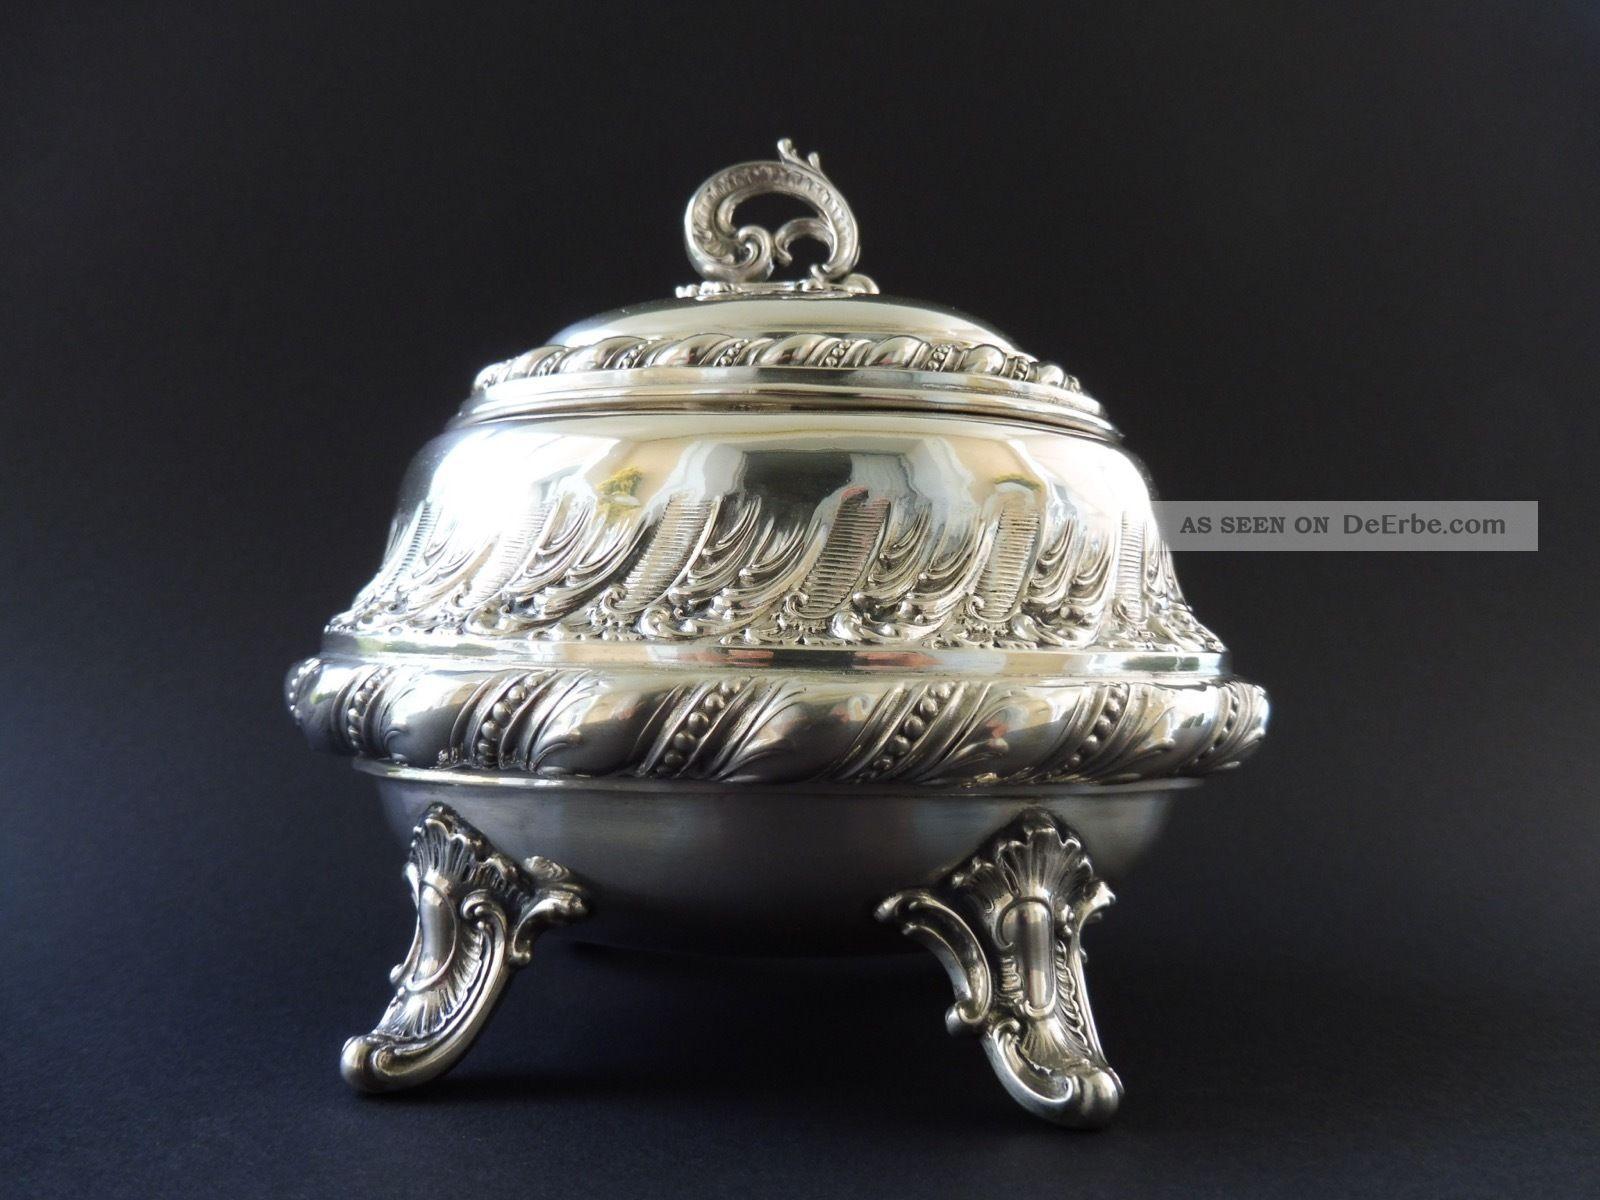 Deutsche 800 Silber Jugendstil Zuckerdose Sugar Box Art Nouveau Vegetabil Silver Objekte vor 1945 Bild